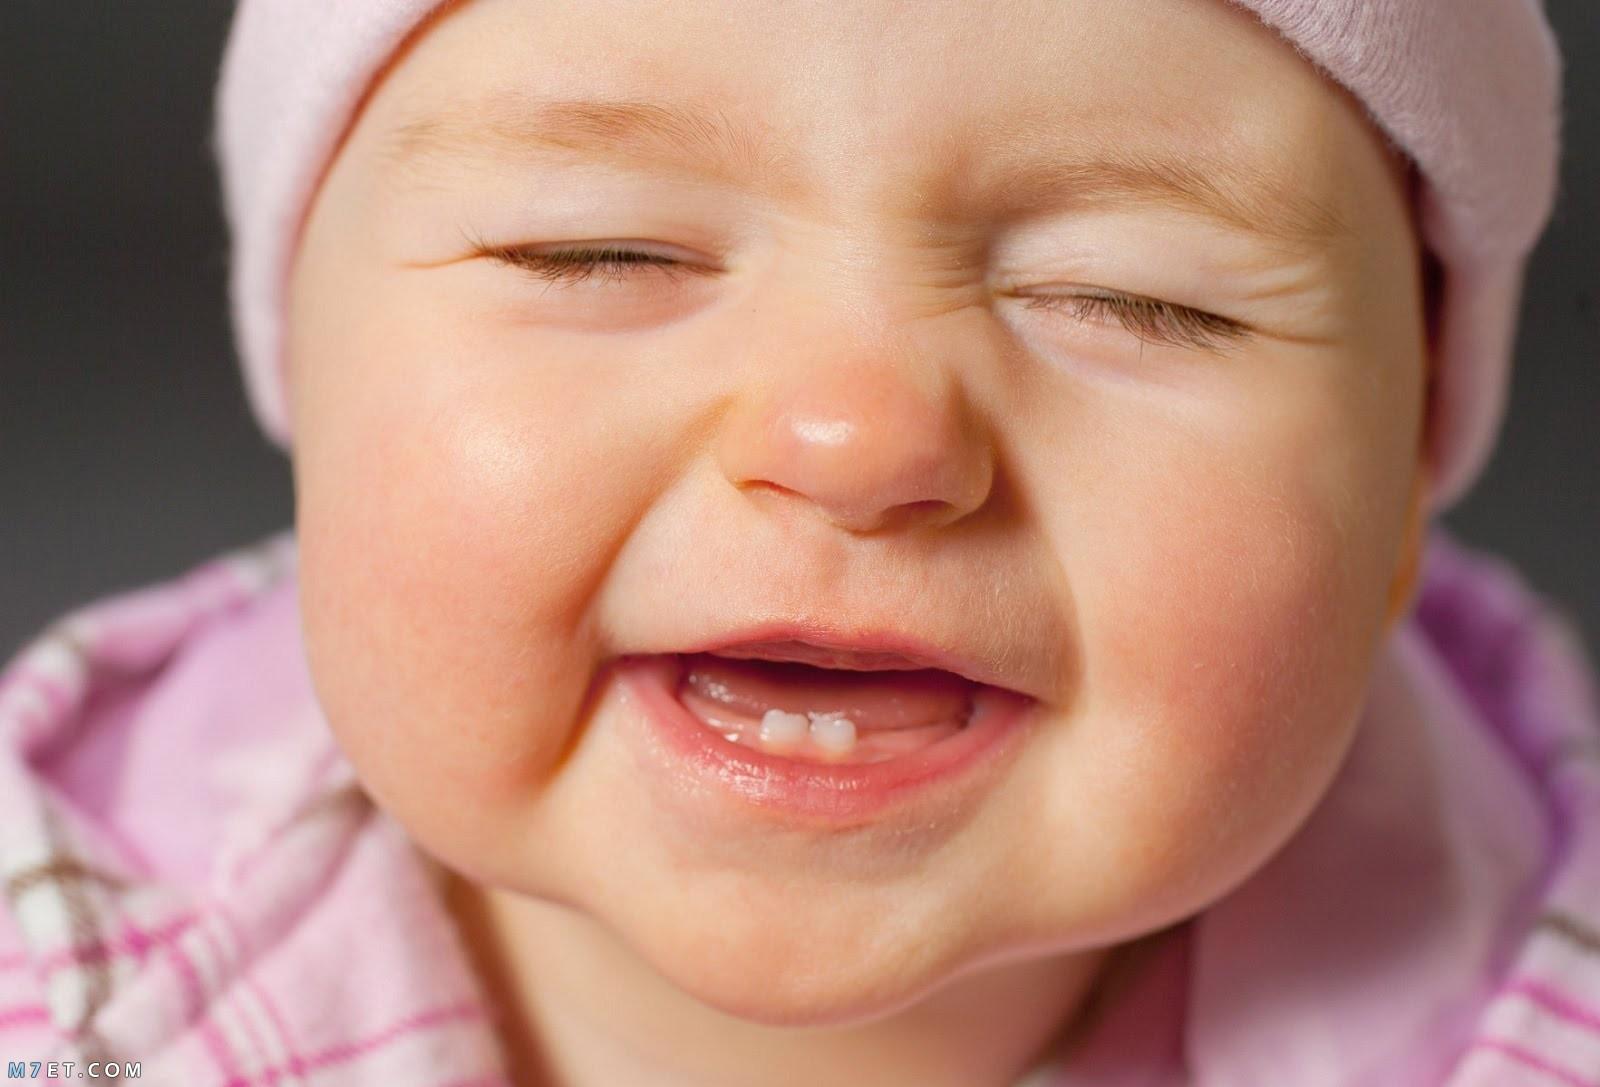 وقت ظهور الاسنان عند الاطفال